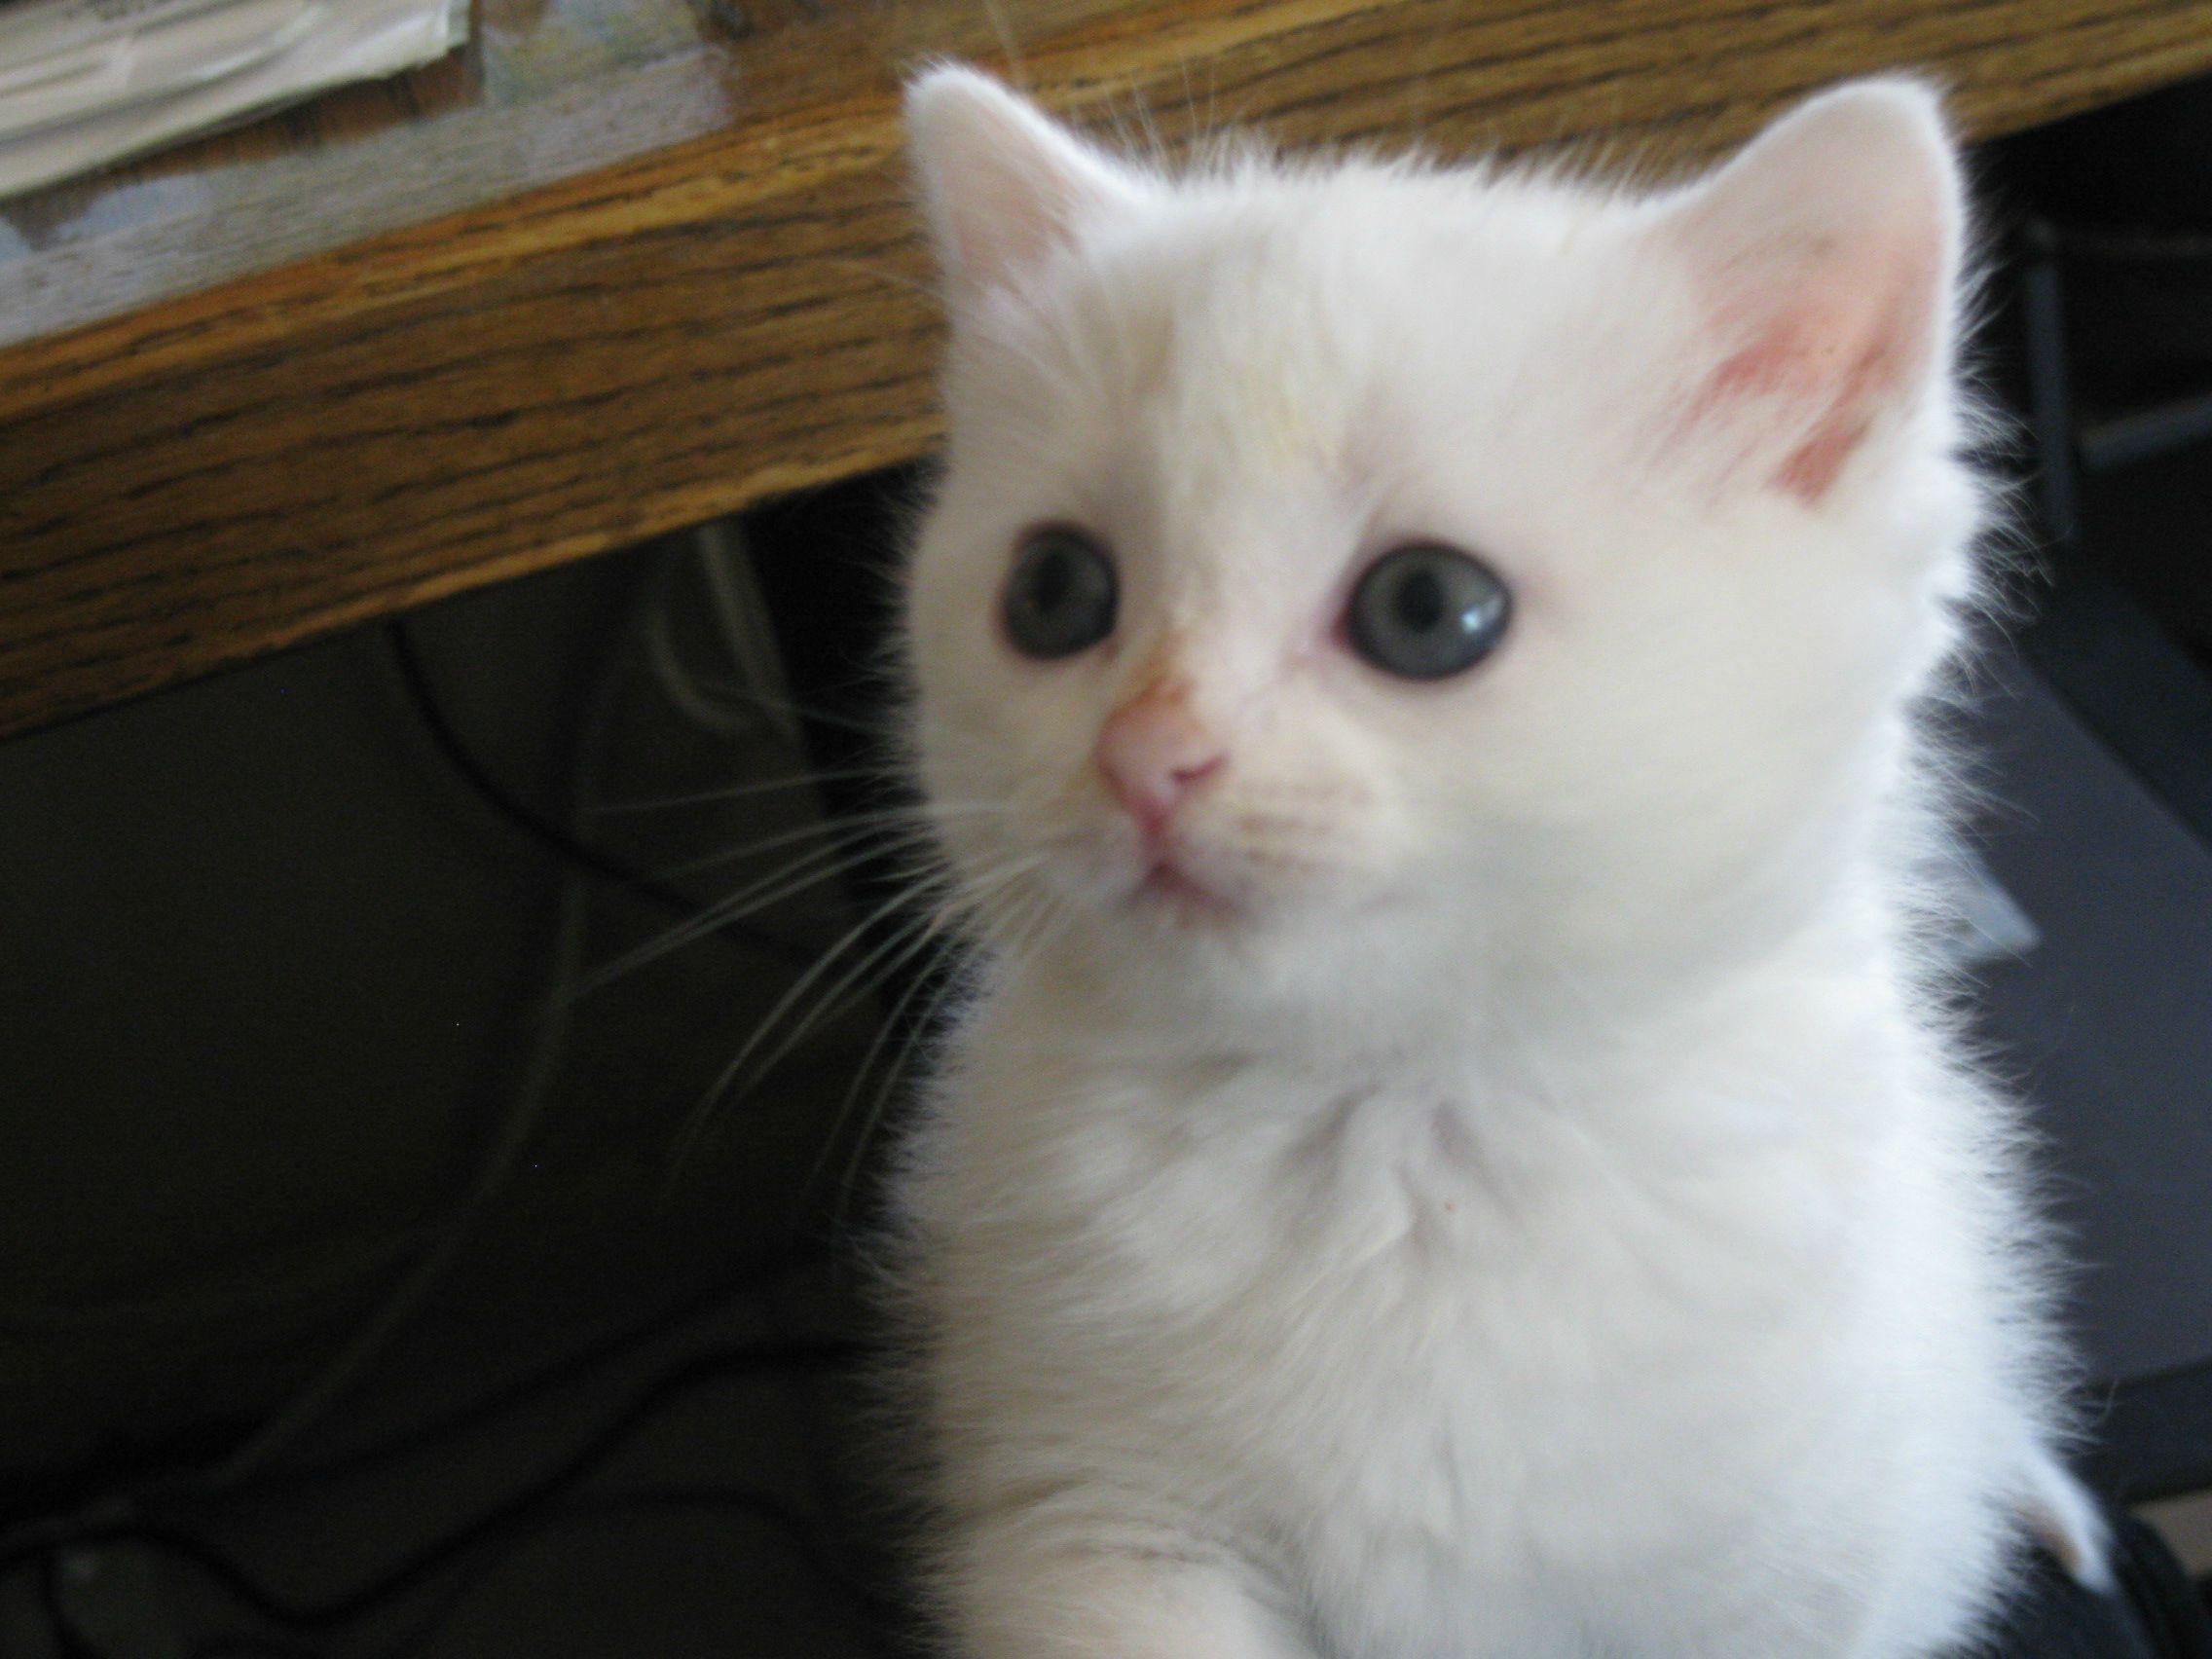 My little kitten Nimbus - Imgur